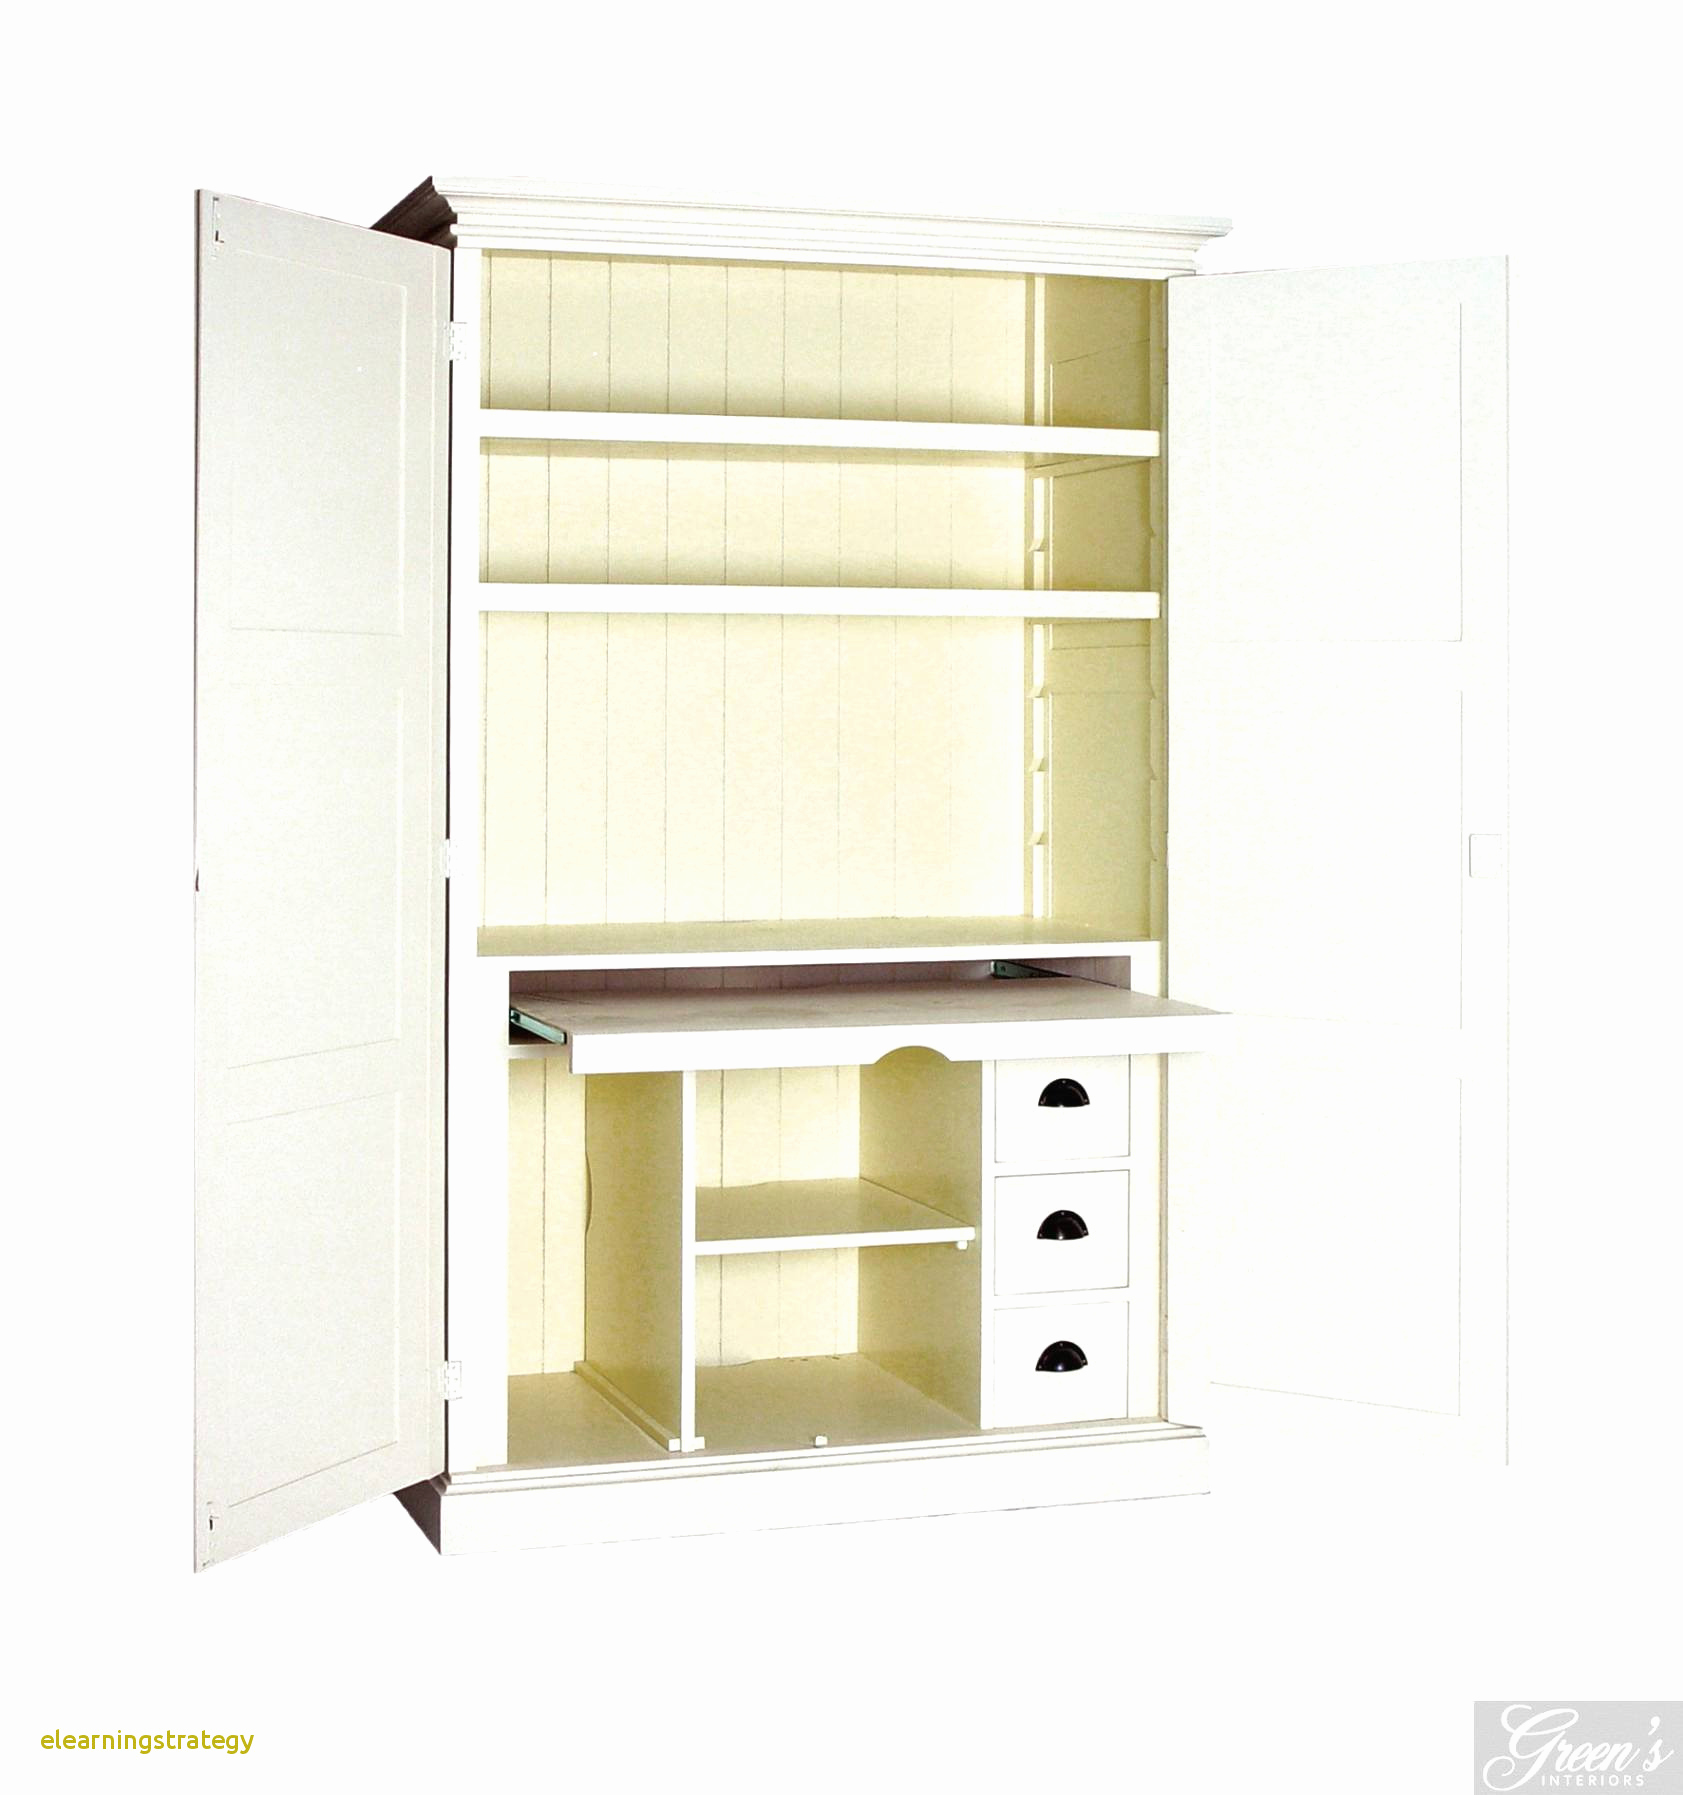 Full Size of 28 Luxus Lager Von Kleiderschrank Schrge Ikea Badezimmer Spiegelschrank Unterschrank Bad Mit Beleuchtung Hochschrank Küche Eckschrank Hängeschrank Miniküche Wohnzimmer Schrank Dachschräge Hinten Ikea